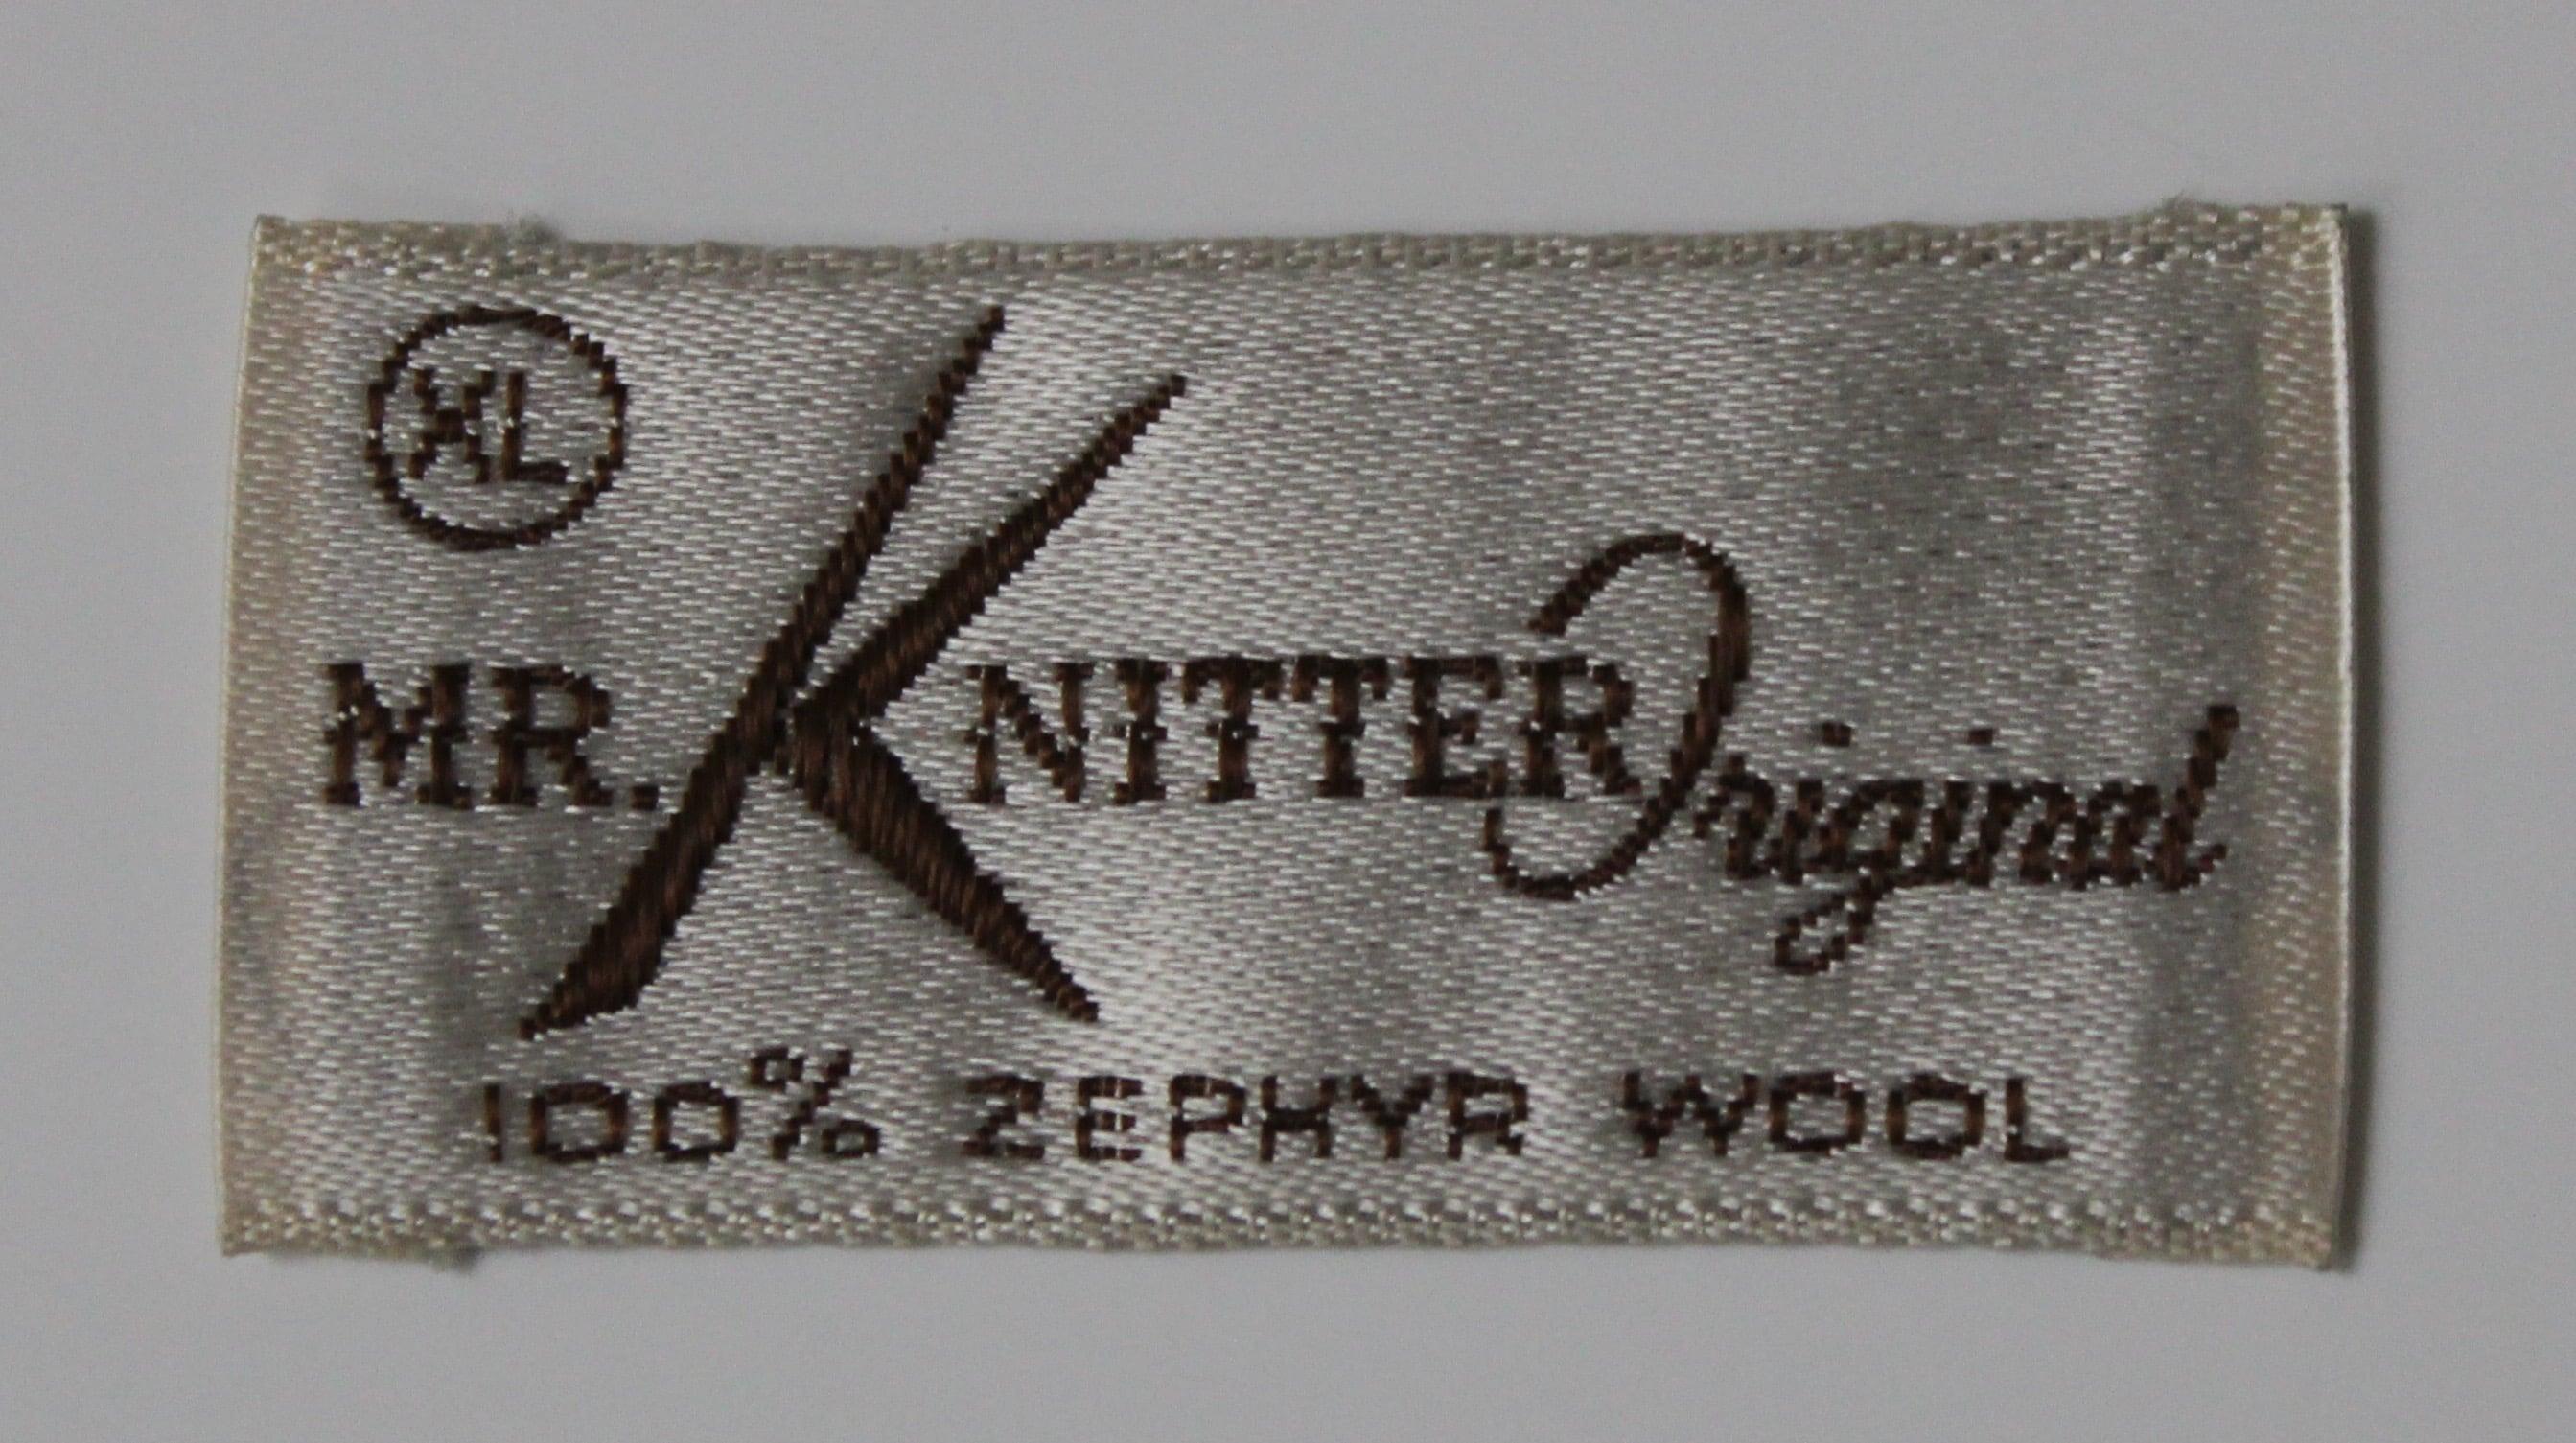 Mr. Knitter label